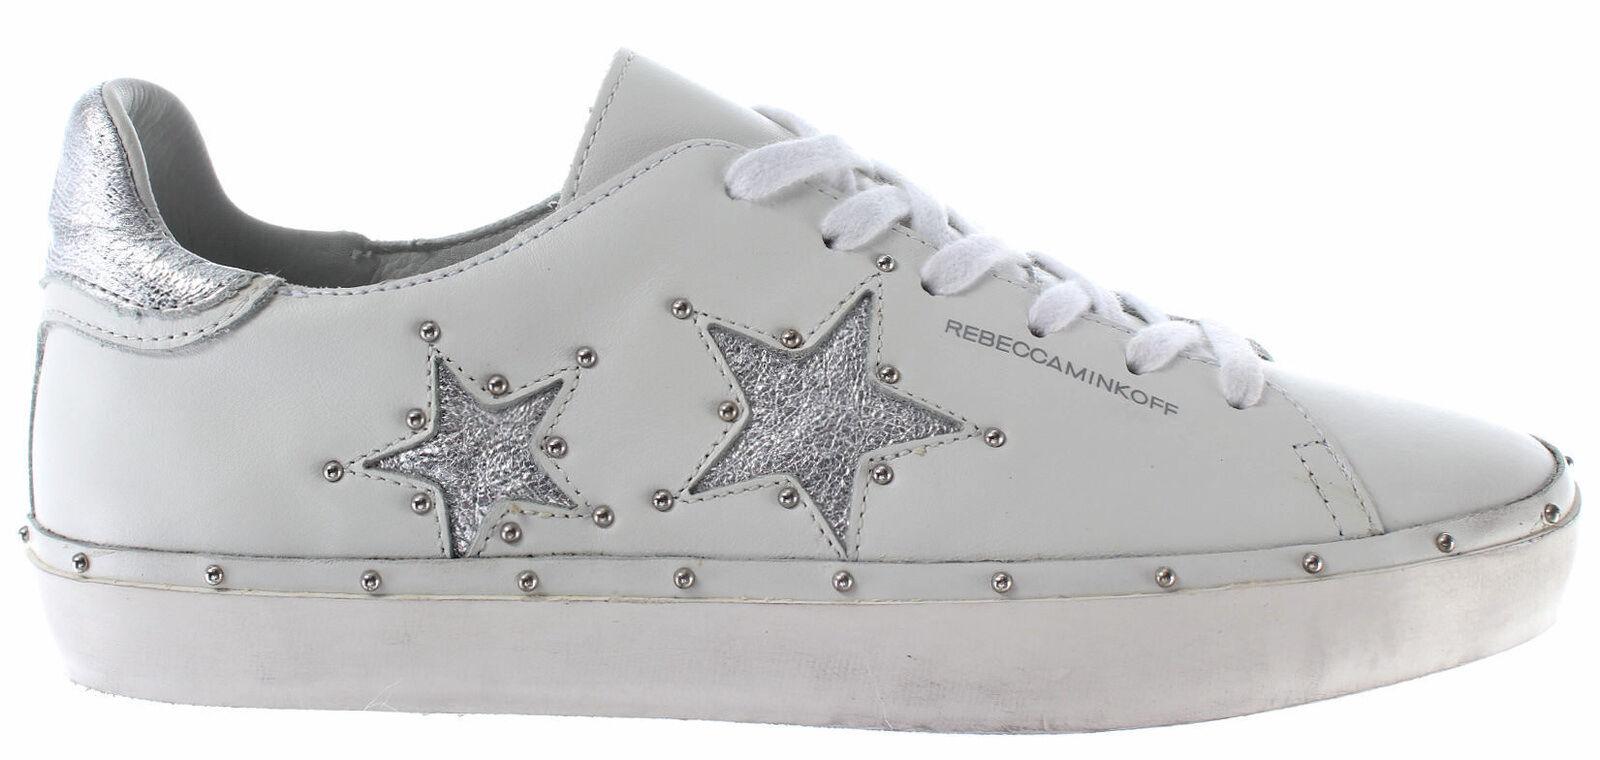 Scarpe Donna scarpe da ginnastica REBECCA MINKOFF RMMILT01WHSV Michell Nappa bianca Low New | Special Compro  | Scolaro/Ragazze Scarpa